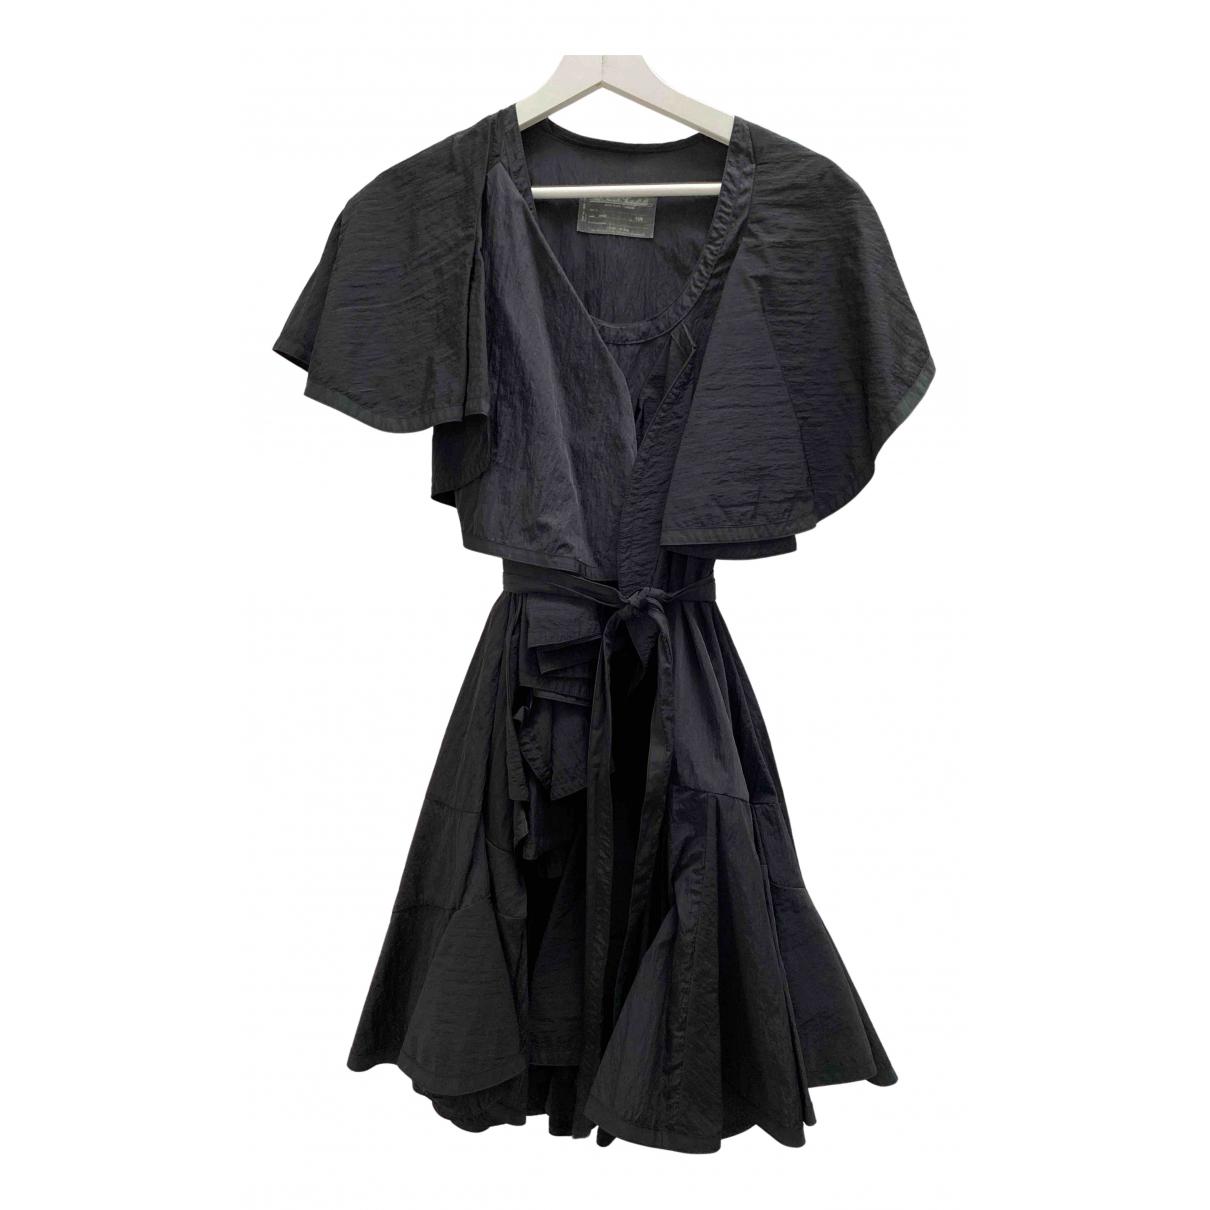 All Saints \N Kleid in  Schwarz Polyester